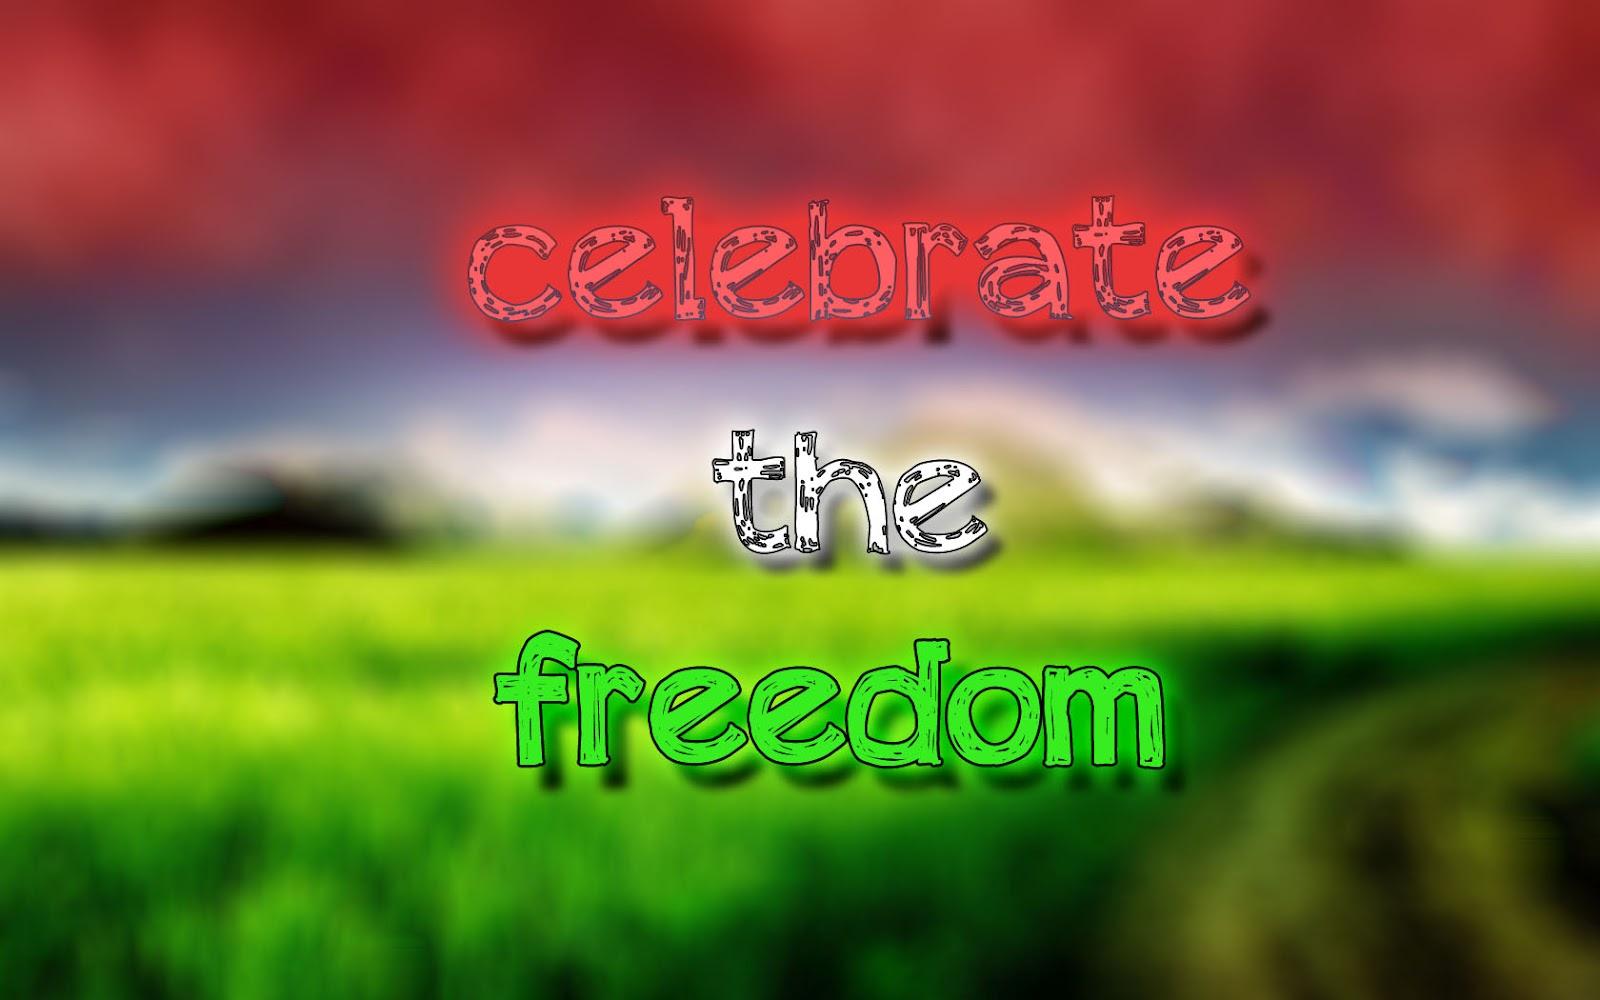 http://4.bp.blogspot.com/-6nM5pX3nwVM/UCs-j4u3nLI/AAAAAAAAAVs/sORVxJwnoXg/s1600/nature+ind.jpg